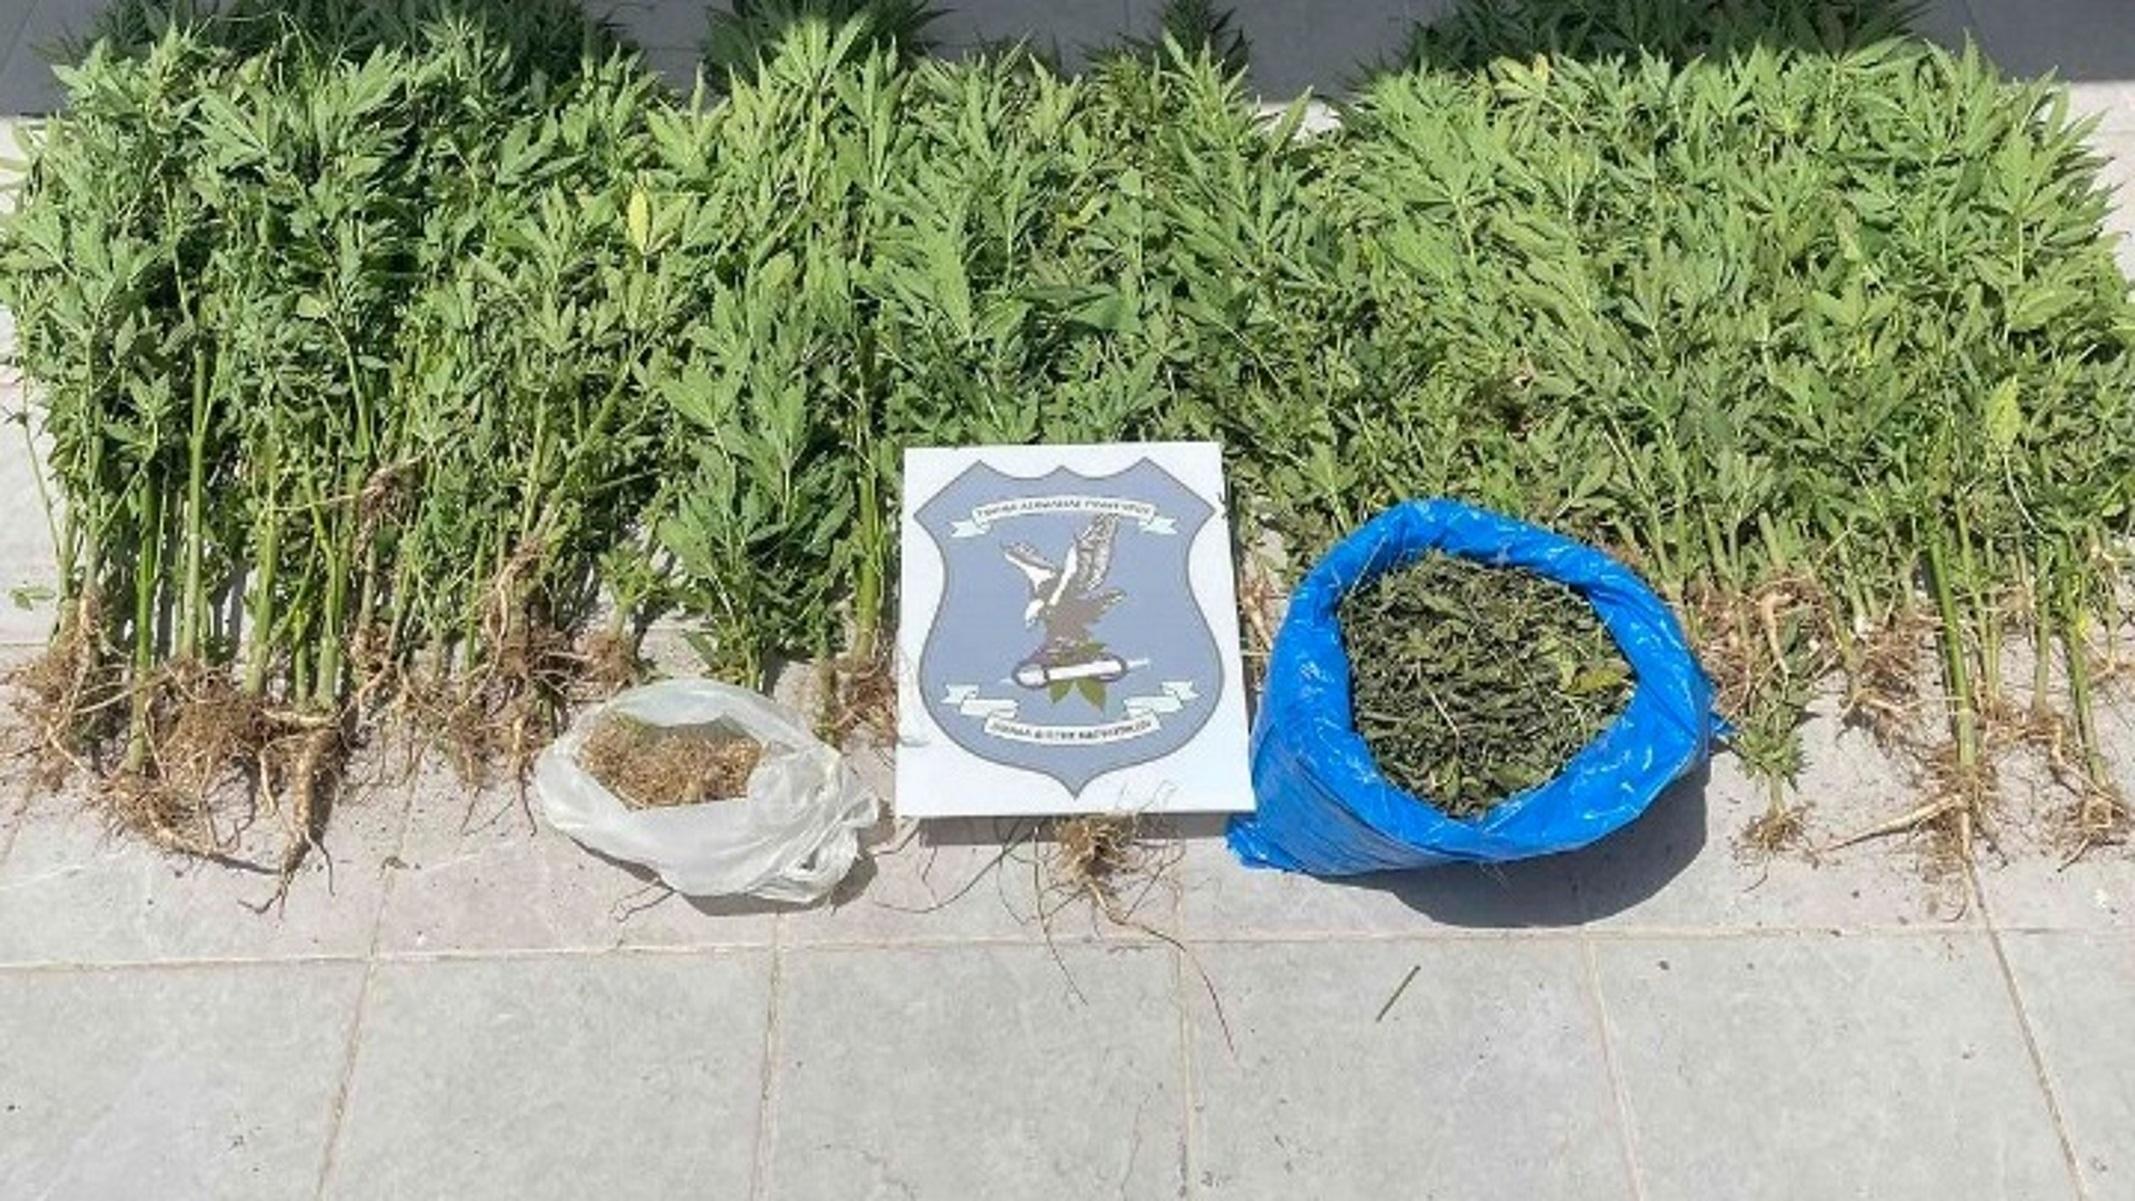 Καστοριά: Πιάστηκαν με 65 κιλά κάνναβη – Πώς έπεσαν στα δίχτυα της αστυνομίας